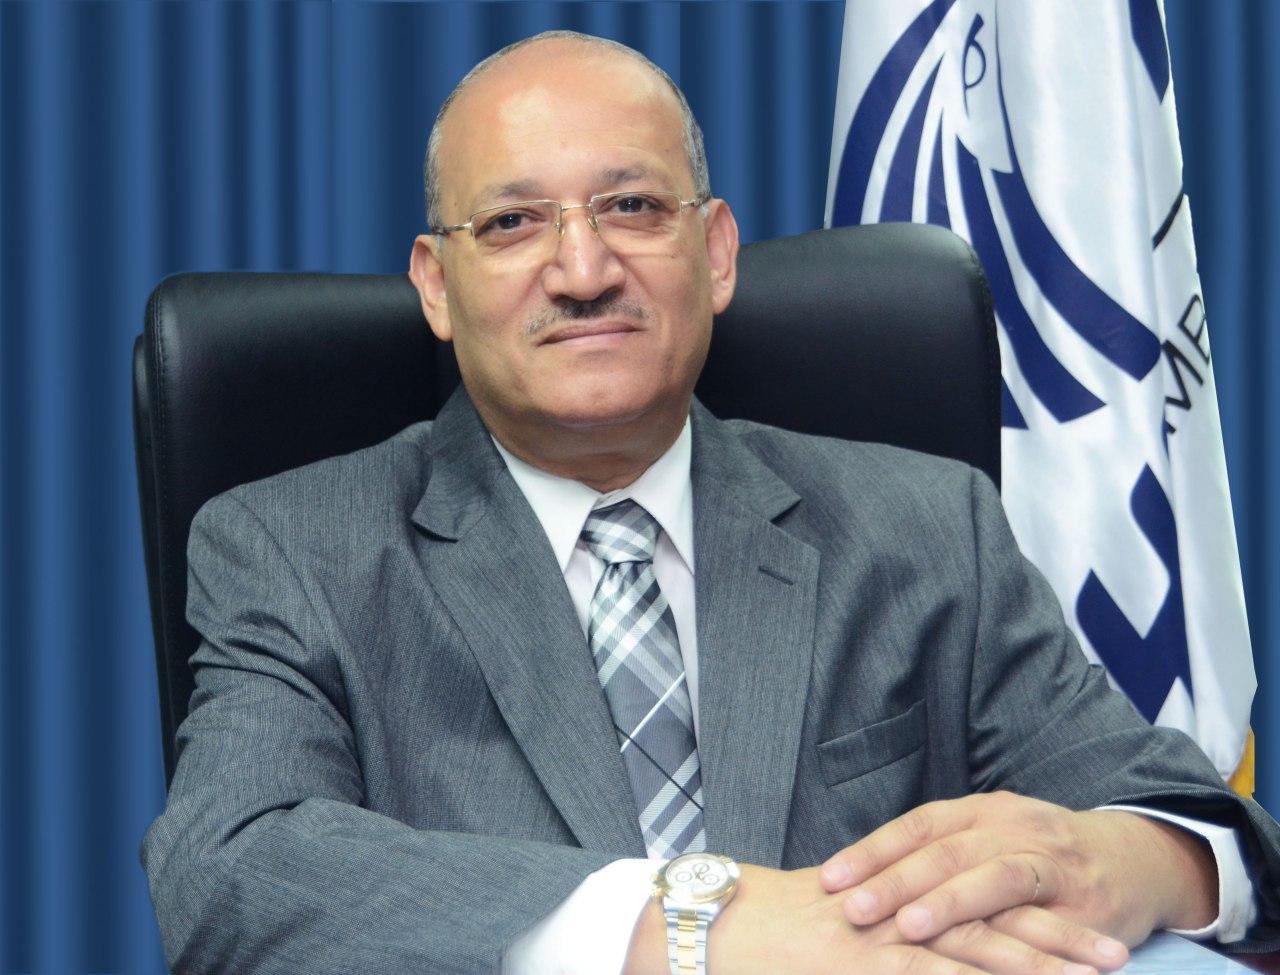 مصرللطيران تشارك في اجتماعات اللجنة التنفيذية للأتحاد العربي للنقل الجوي AACO واتحاد شركات الطيران الأفريقية AFRAA